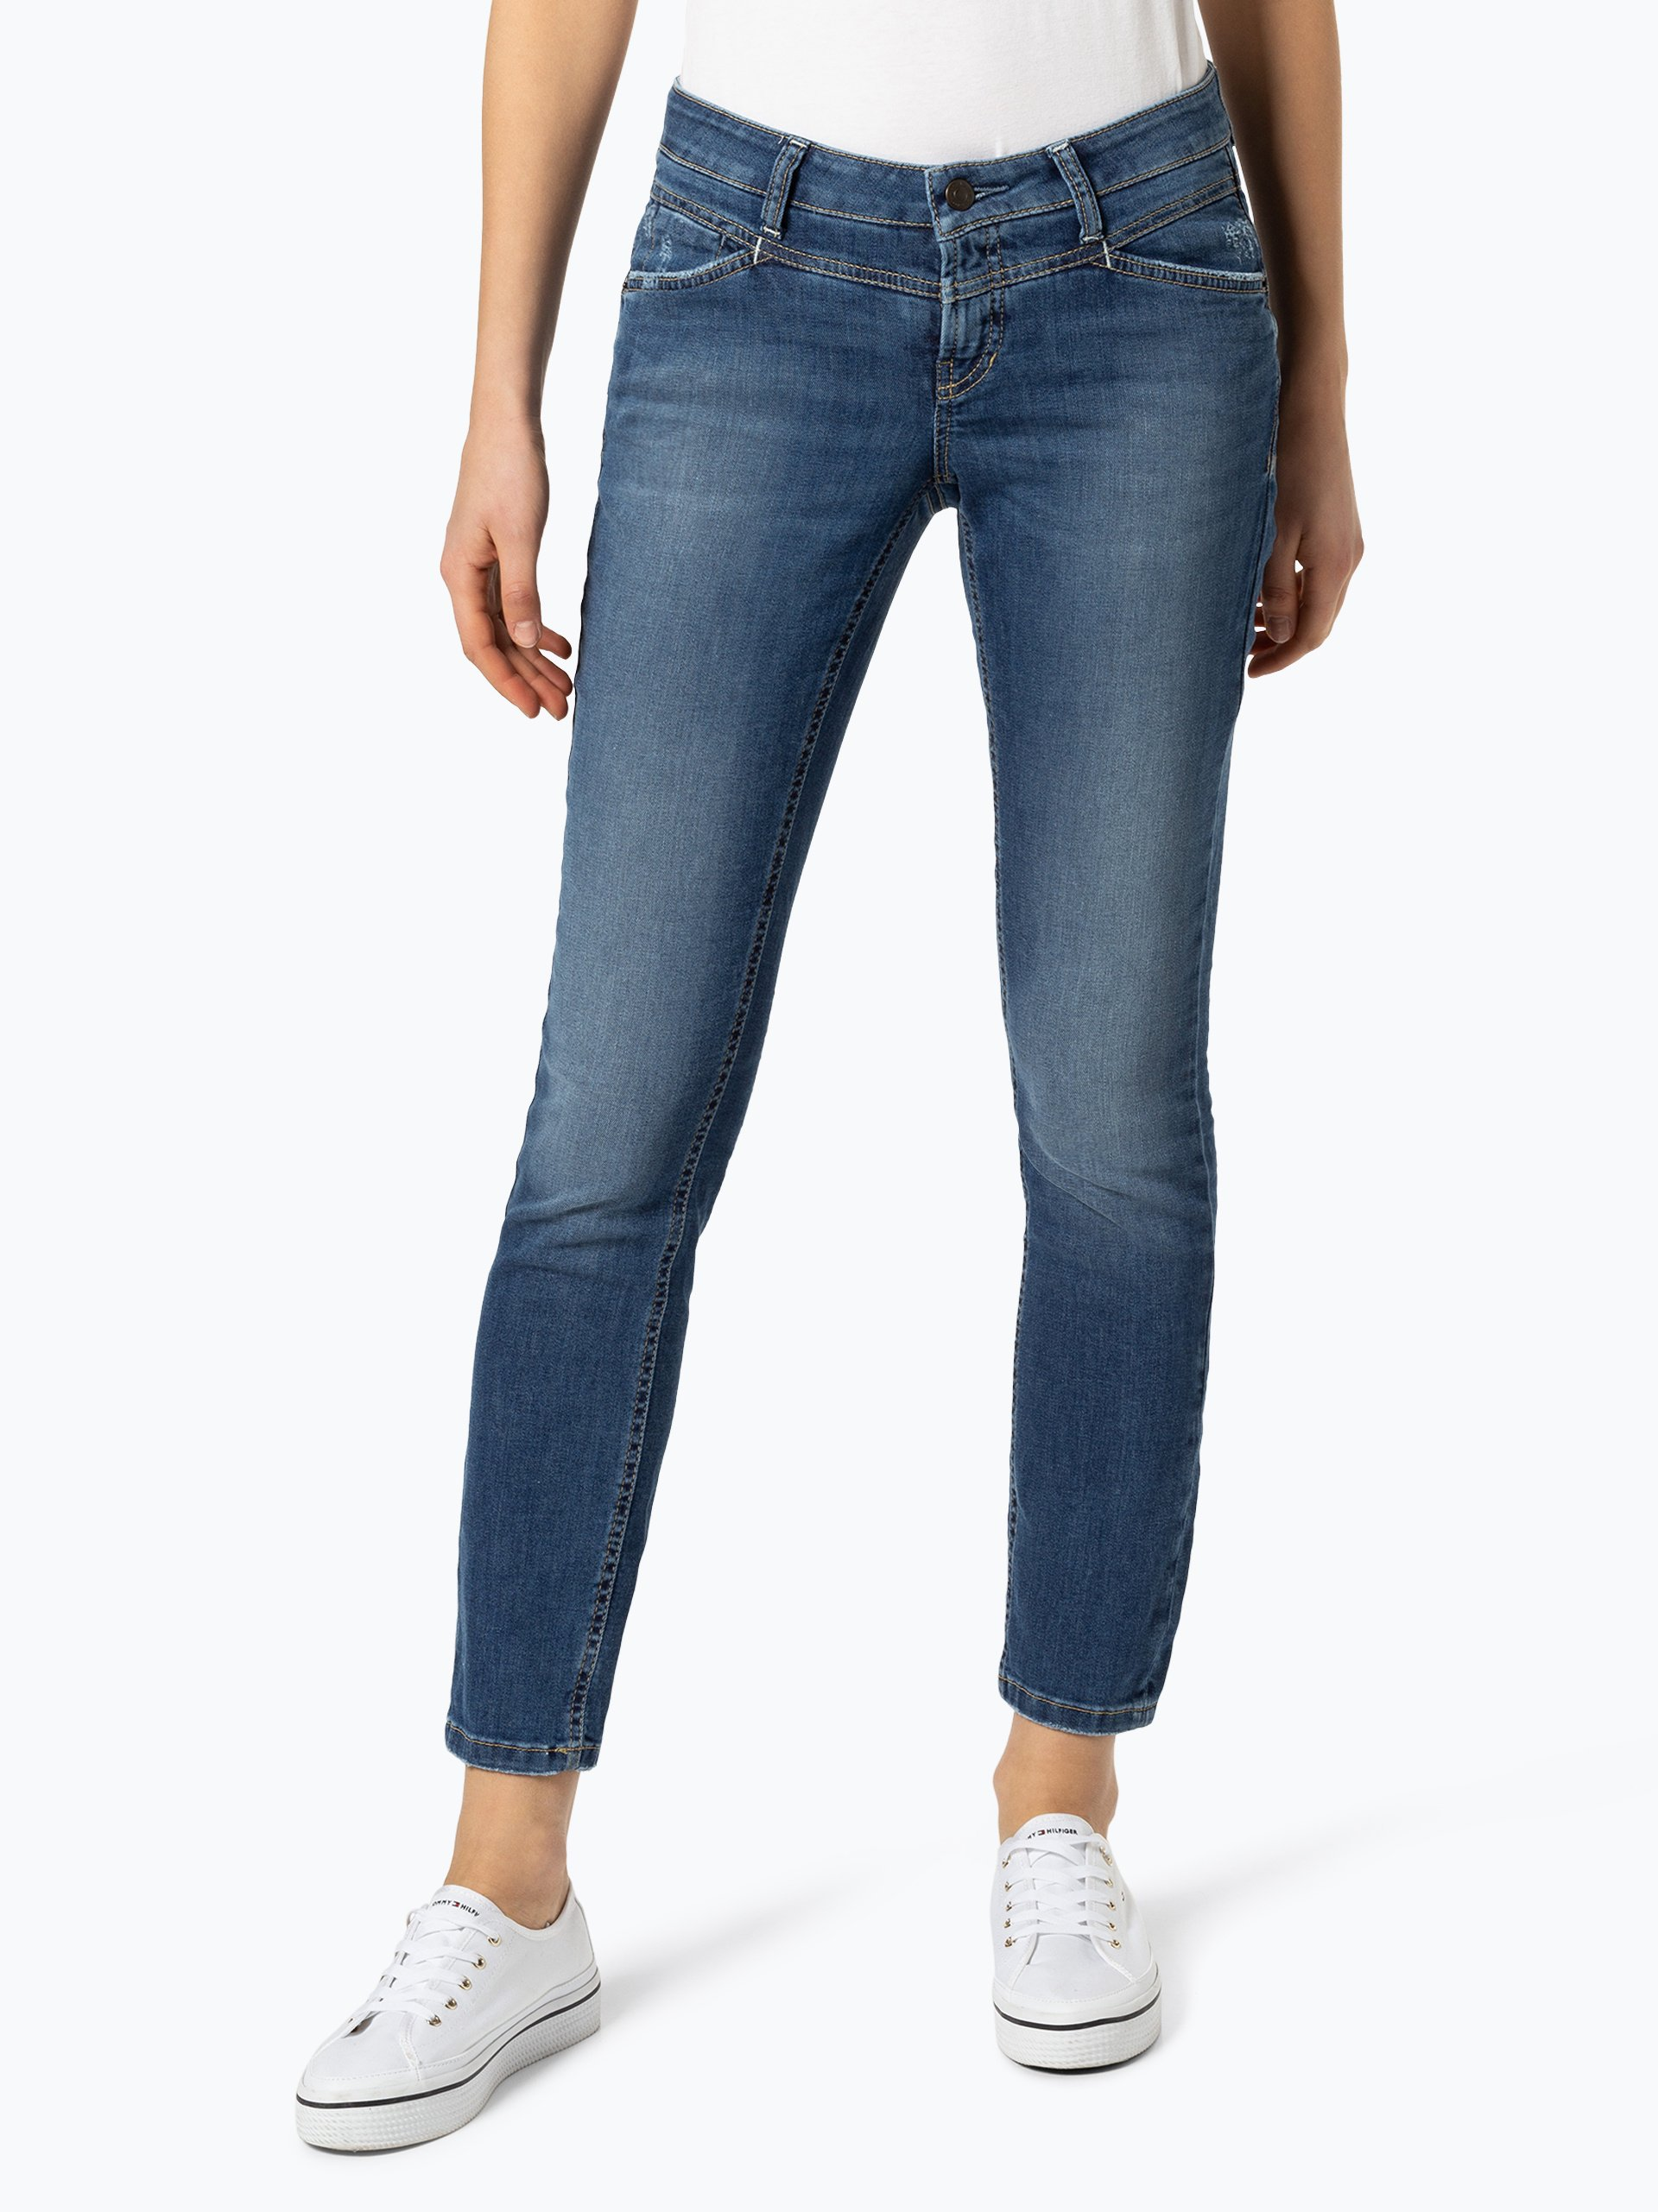 Cambio Damen Jeans - Liane